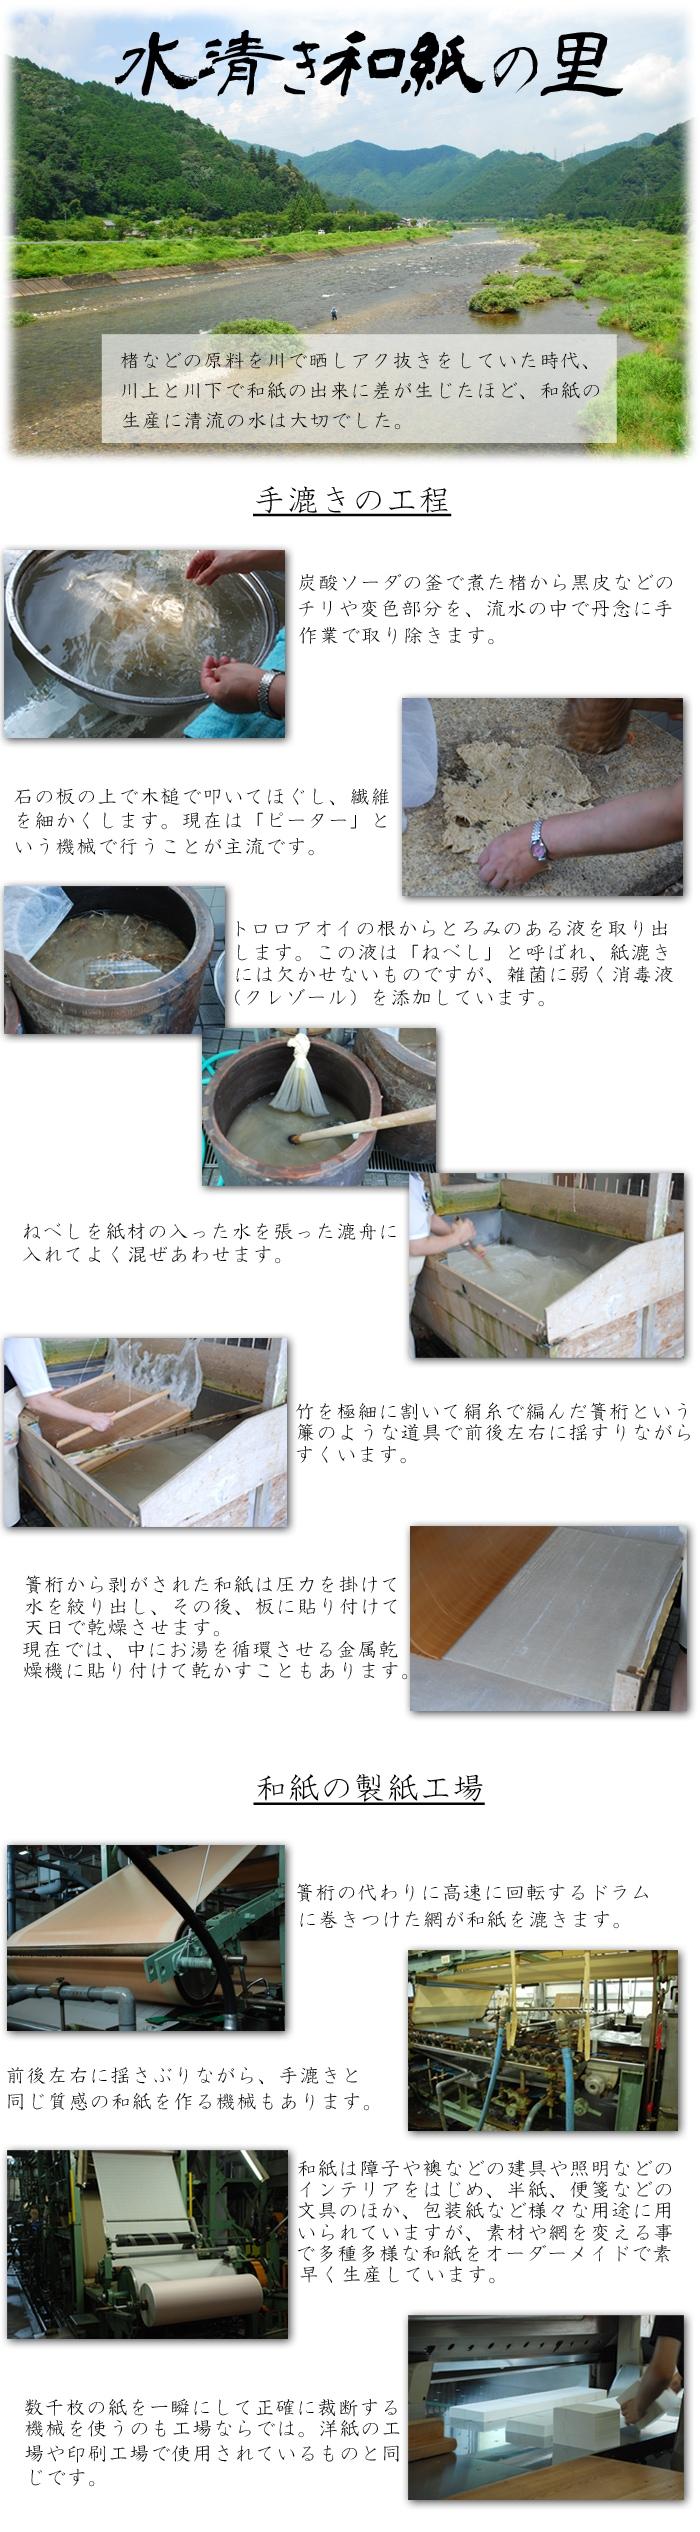 水清き和紙の里 楮などの原料を川で晒しアク抜きをしていた時代、川上と川下で和紙の出来に差が生じたほど、和紙の生産に清流の水は大切でした。 手漉きの工程 炭酸ソーダの釜で煮た楮から黒皮などのチリや変色部分を、流水の中で丹念に手作業で取り除きます。 石の板の上で木槌で叩いてほぐし、繊維を細かくします。現在では「ピーター」という機械で行うことが主流です。 トロロアオイの根からとろみのある液を取り出します。この液は「ねべし」と呼ばれ、紙漉きには欠かせないものですが、雑菌に弱く消毒液(クレゾール)を添加しています。 ねべしを紙材の入った水を張った漉舟に入れてよく混ぜ合わせます。 竹を極細に割いて絹糸で編んだ簀桁という簾のような道具で前後左右に揺すりながら掬います。 簀桁から剥がされた和紙は圧力を掛けて水を絞り出し、その後、板に貼り付けて天日で乾燥させます。 点在では中にお湯を循環させる金属乾燥機に貼り付けて乾かすこともあります。 和紙の製糸工場 簀桁の代わりに高速に回転するドラムに巻きつけた網が和紙を漉きます。 前後左右に揺さぶりながら手漉きと同じ質感の和紙を作る機械もあります。 和紙は障子や襖などの建具や照明などのインテリアをはじめ、半紙、便箋などの文具のほか、包装紙など様々な用途に用いられていますが、 素材や網を変える事で多種多様な和紙をオーダーメイドで素早く生産しています。 数千枚の紙を一瞬にして正確に裁断する機械を使うのも工場ならでは。洋紙の工場や印刷工場で使用されているものと同じです。